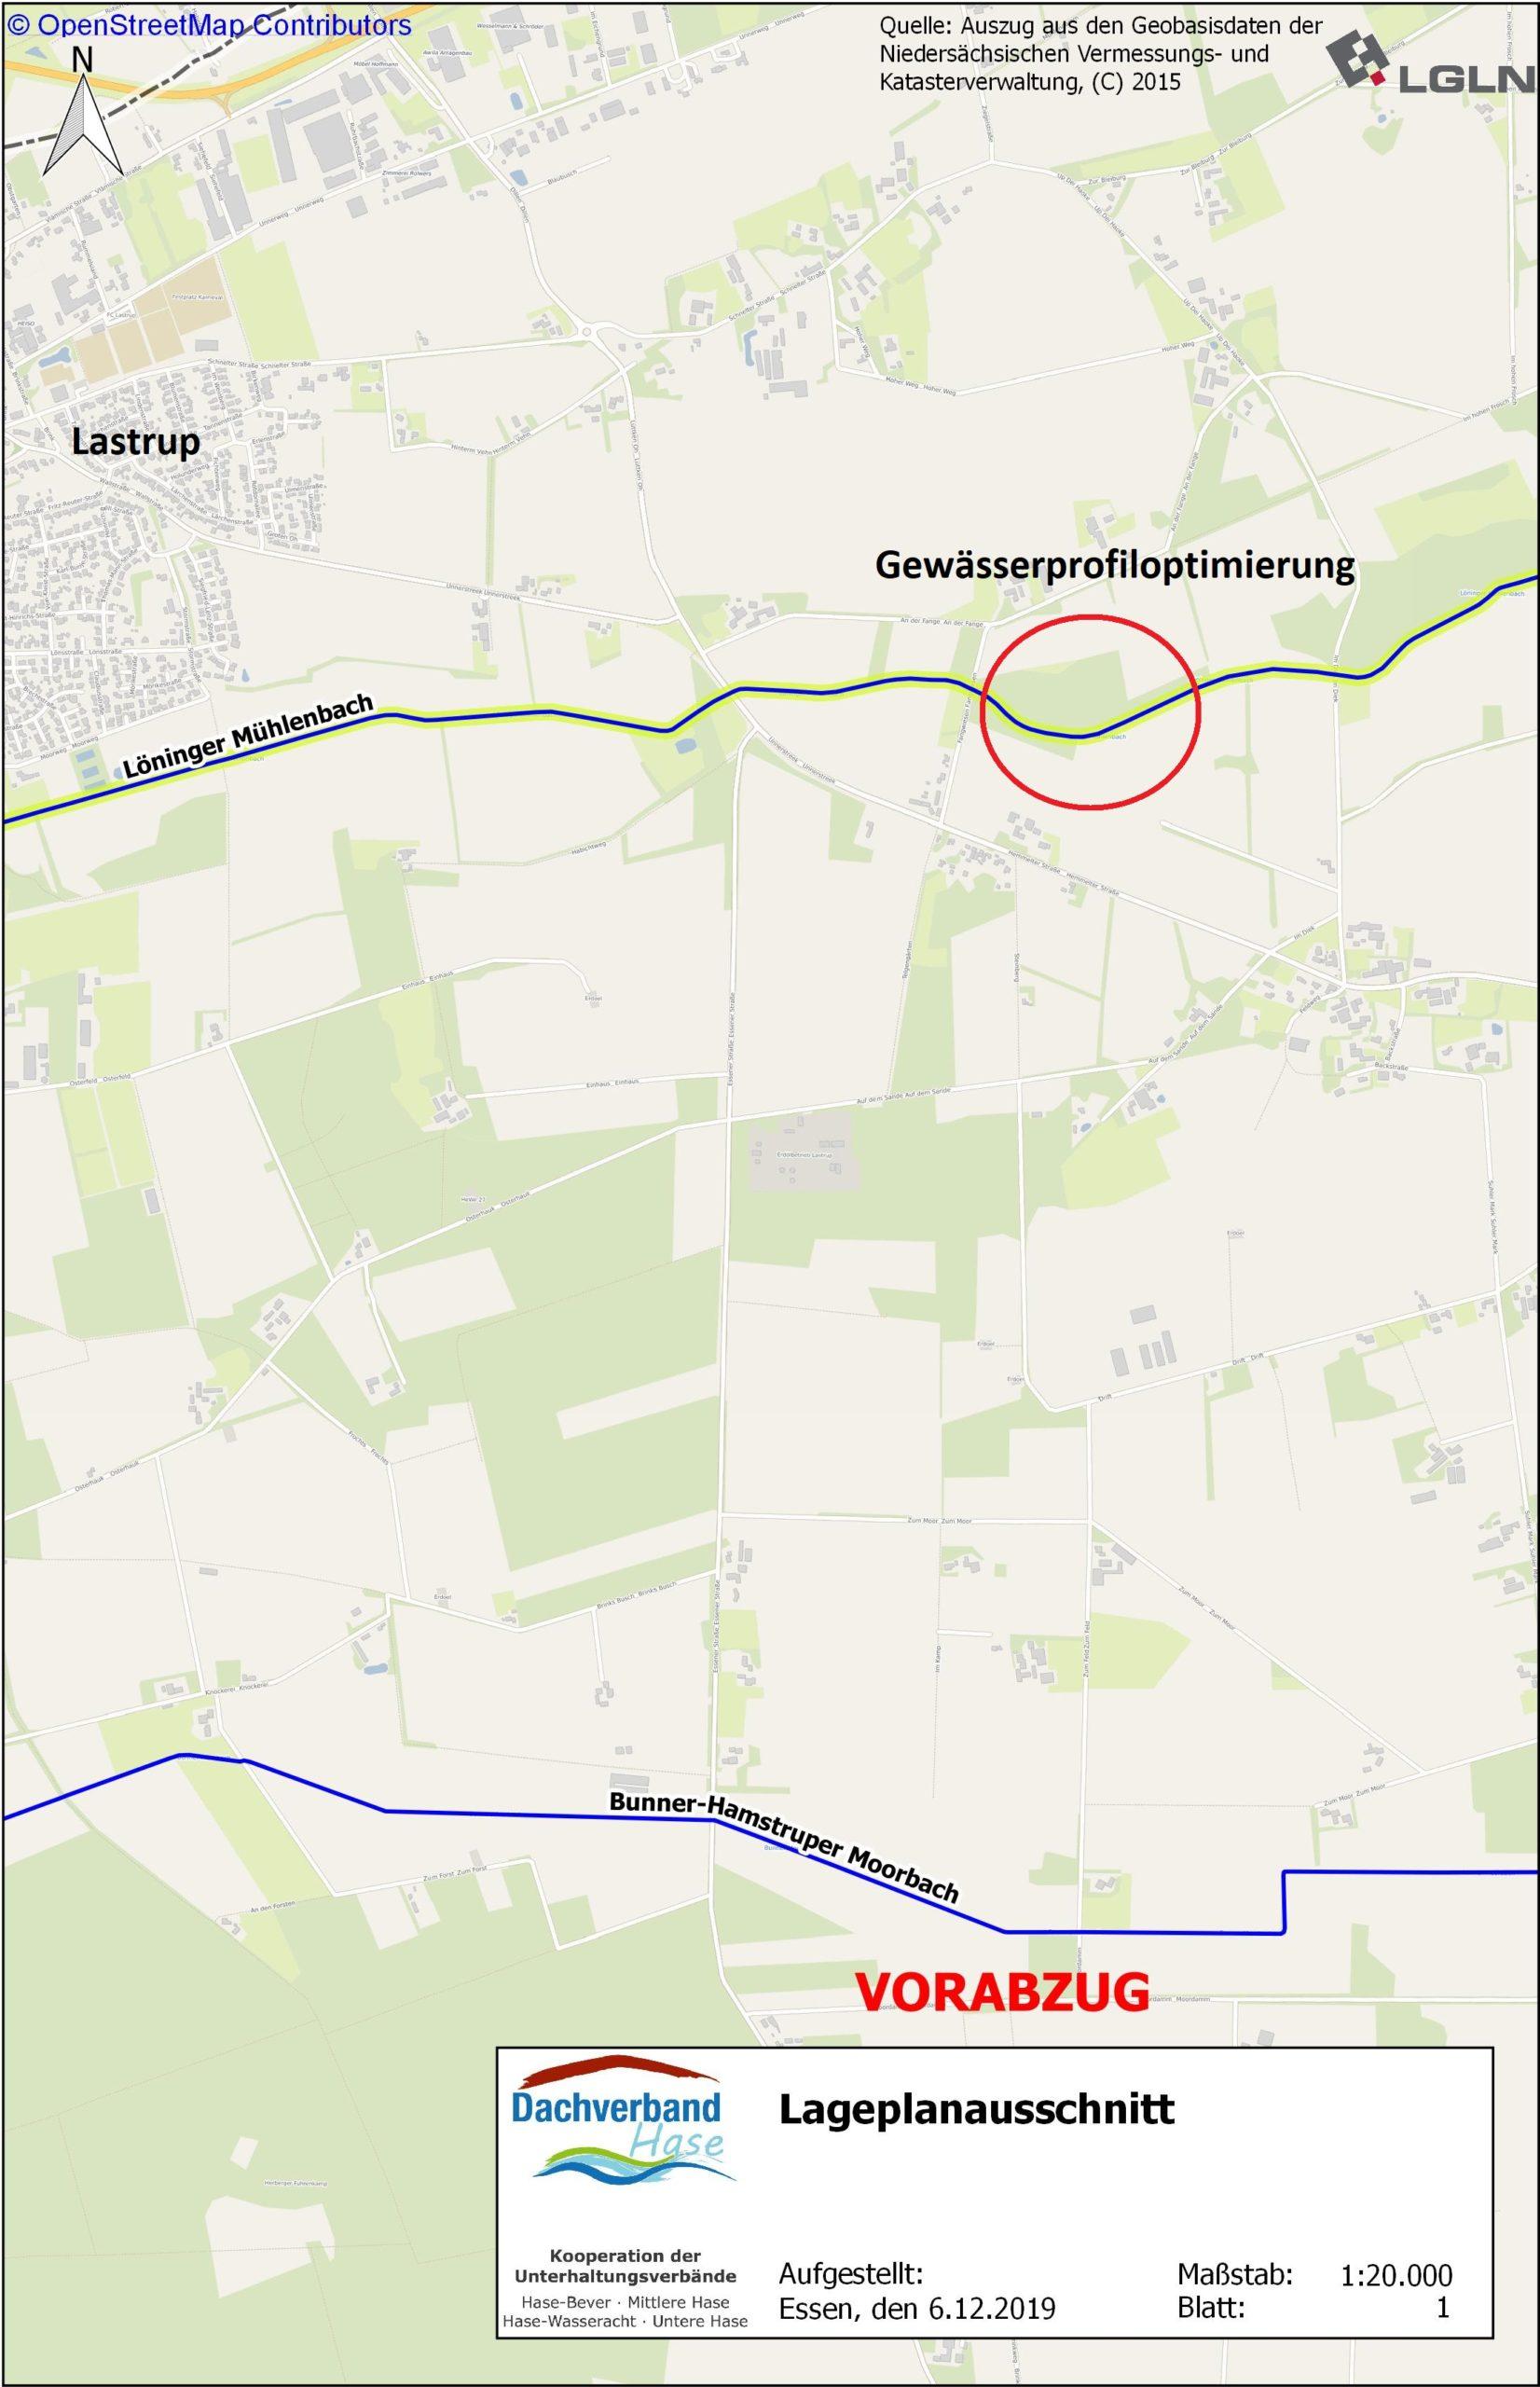 Lageplan: Profiloptimierung im Löninger Mühlenbach